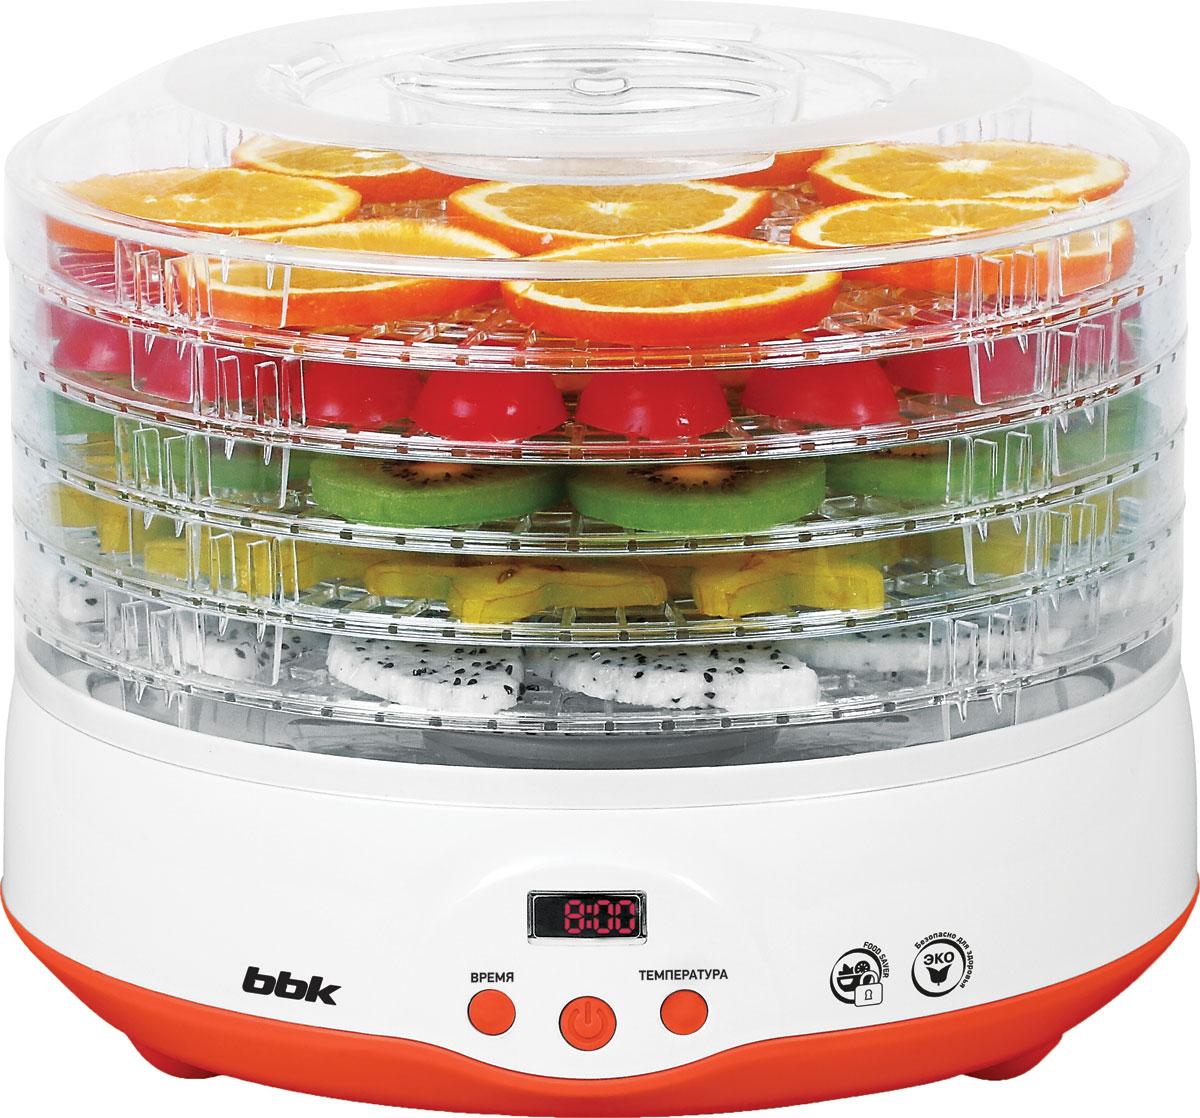 Универсальная сушка для овощей и фруктов BBK BDH204D станет отличным помощником на любой кухне. 5 емкостей для продуктов и встроенный фен обеспечивают хорошую вместимость и равномерное распределение воздушного потока, а прозрачный корпус из термостойкого пластика дает возможность контролировать процесс сушки. Для большего удобства использования модель оснащена дисплеем; настройка температуры и времени приготовления осуществляется с помощью клавиш на электронной панели управления.